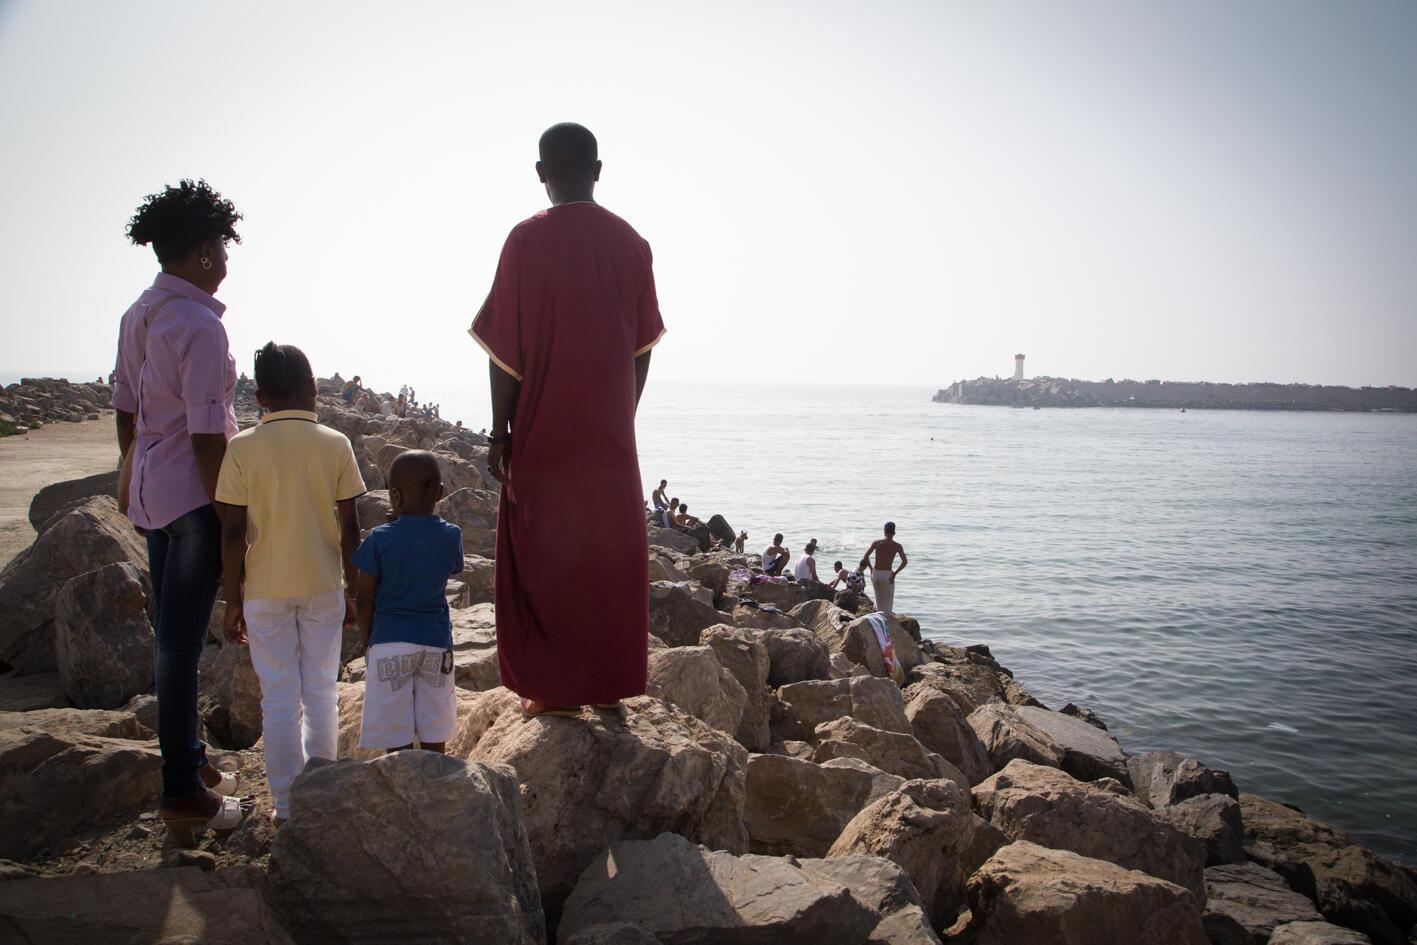 Nous sommes le 12 juillet 2016. F. a décidé de lancer A. sa femme et leurs deux enfants sur la route vers l'Europe via la Libye. Une décision très compliquée à prendre après plusieurs années de vie ensemble, à 4, en Algérie.